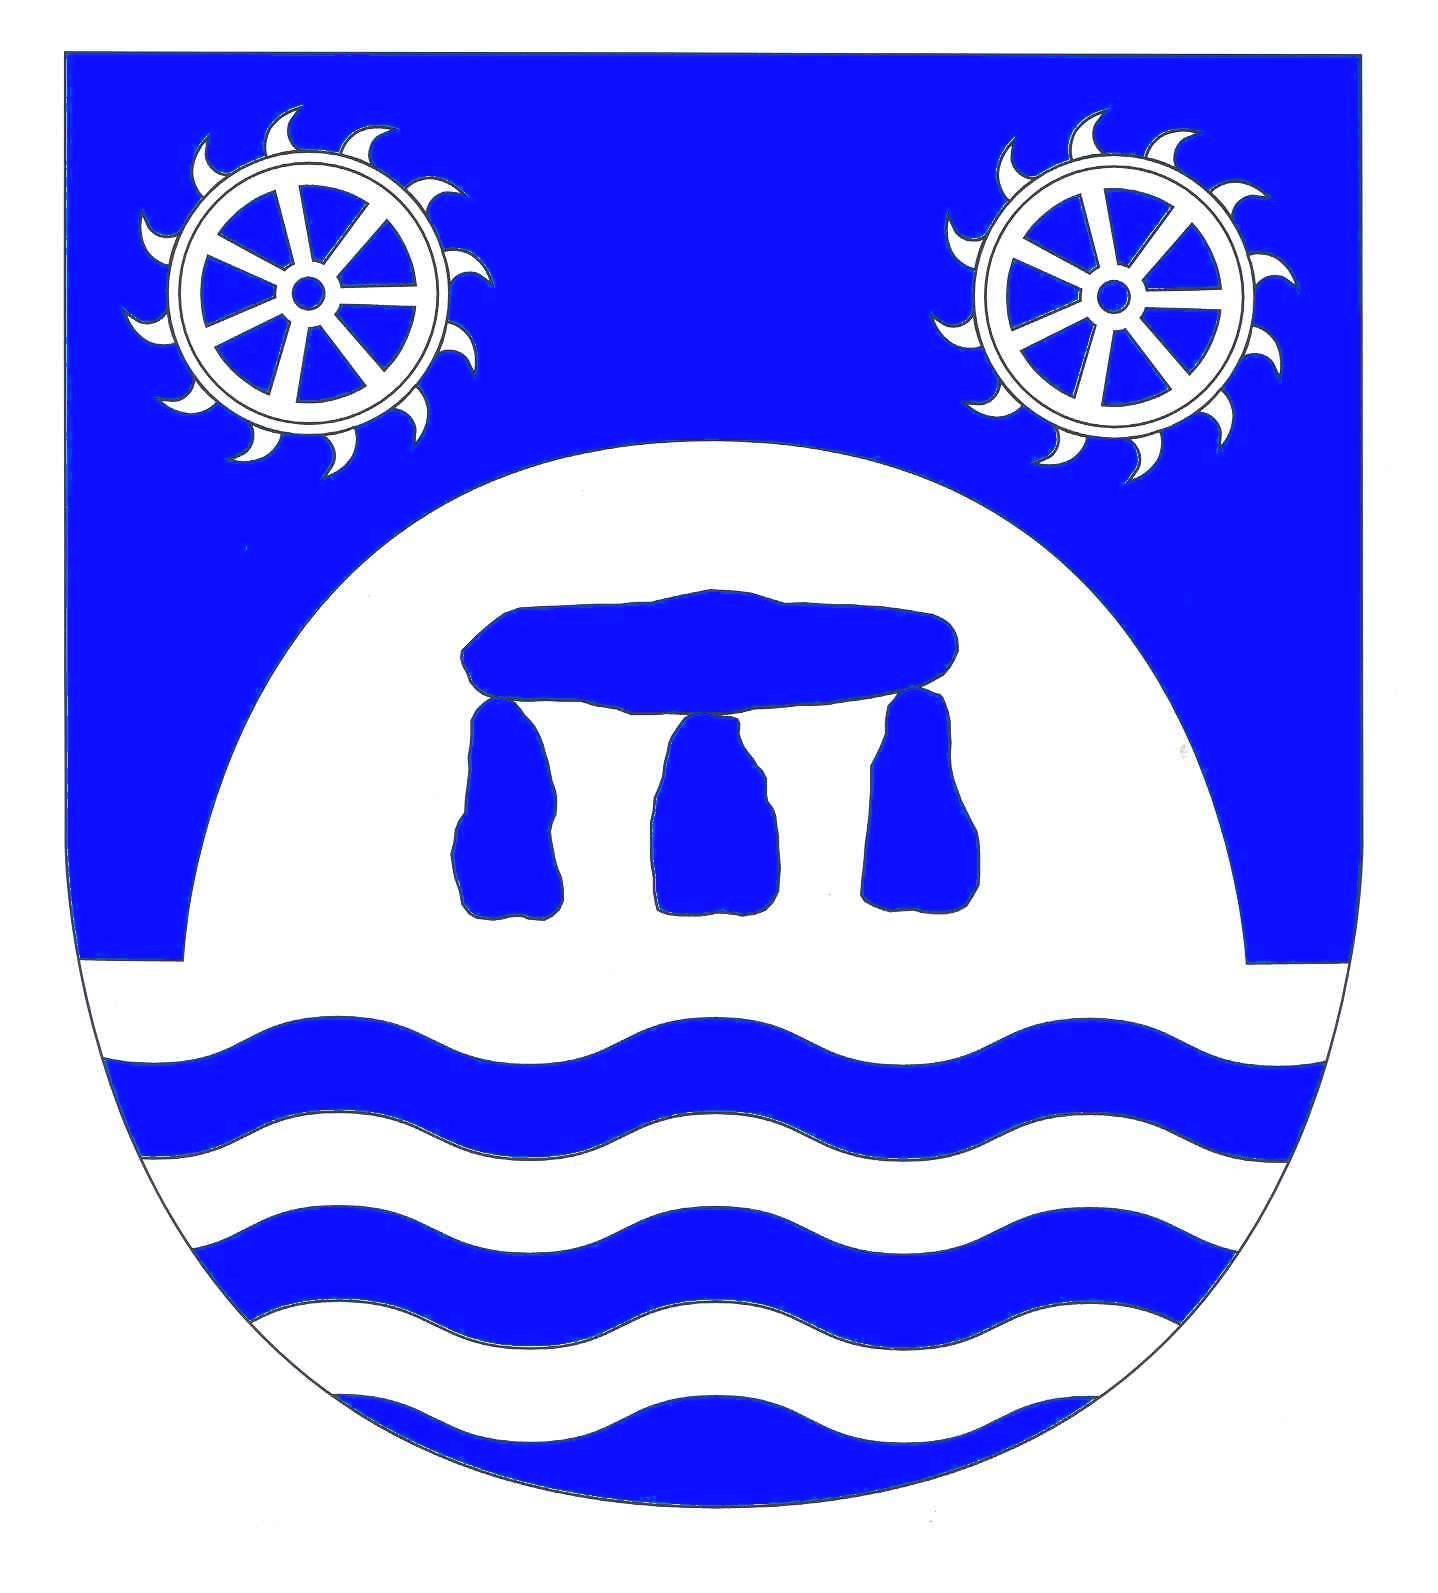 Wappen GemeindeWarder, Kreis Rendsburg-Eckernförde